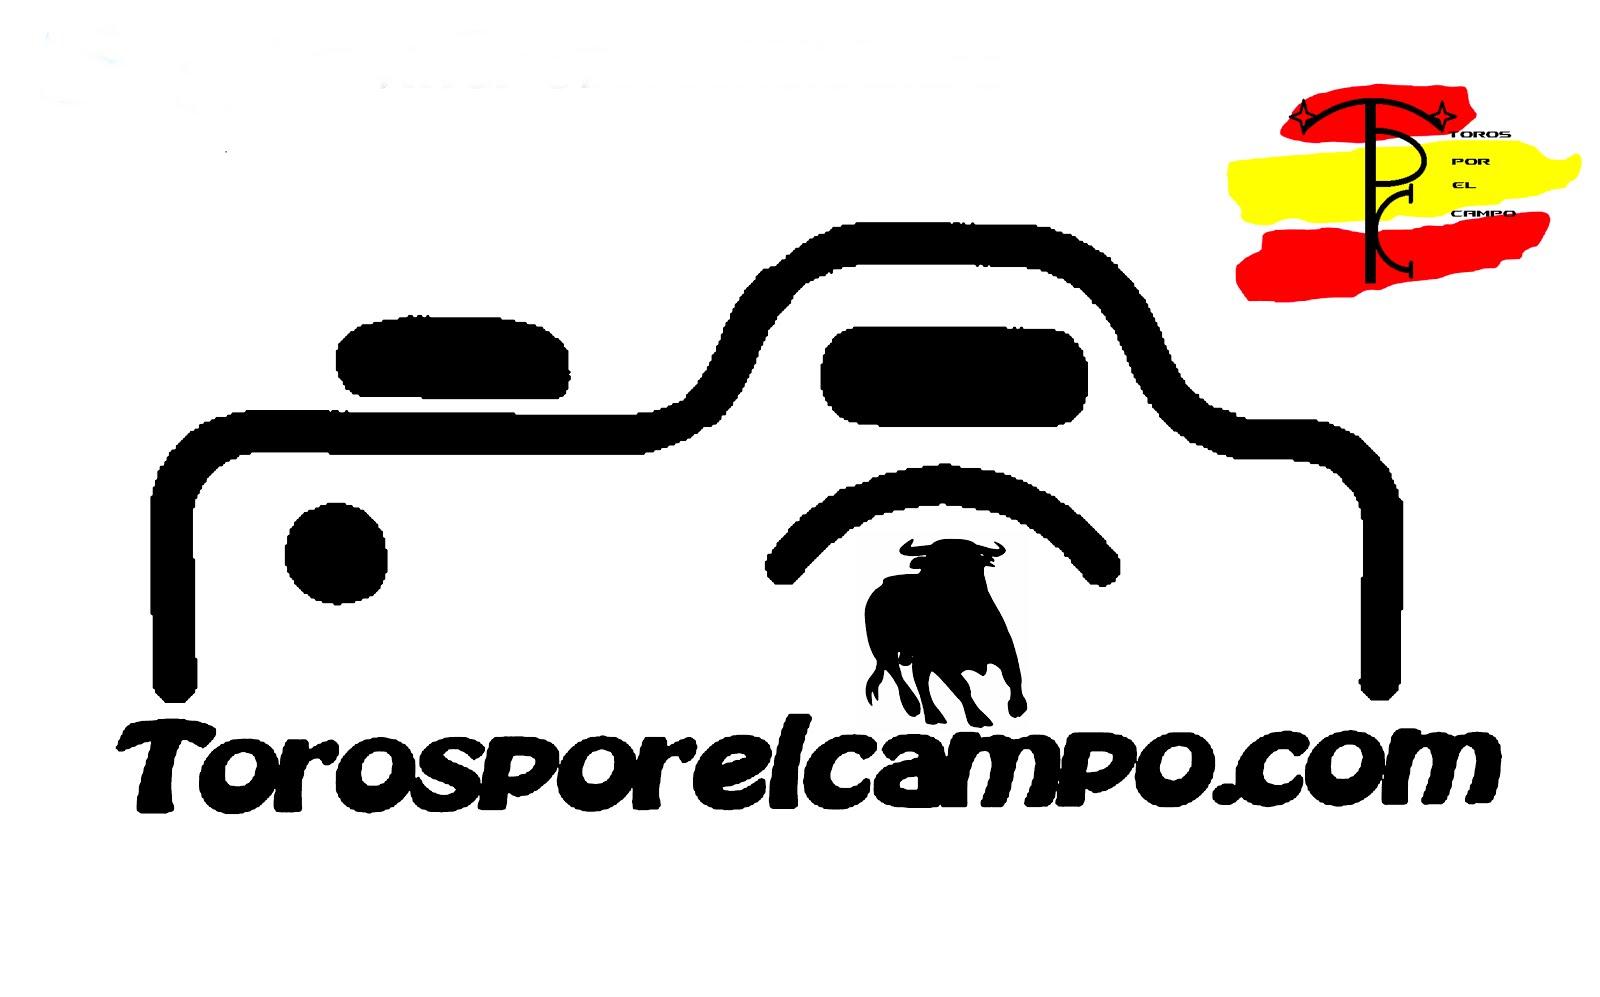 Www.Torosporelcampo.Com